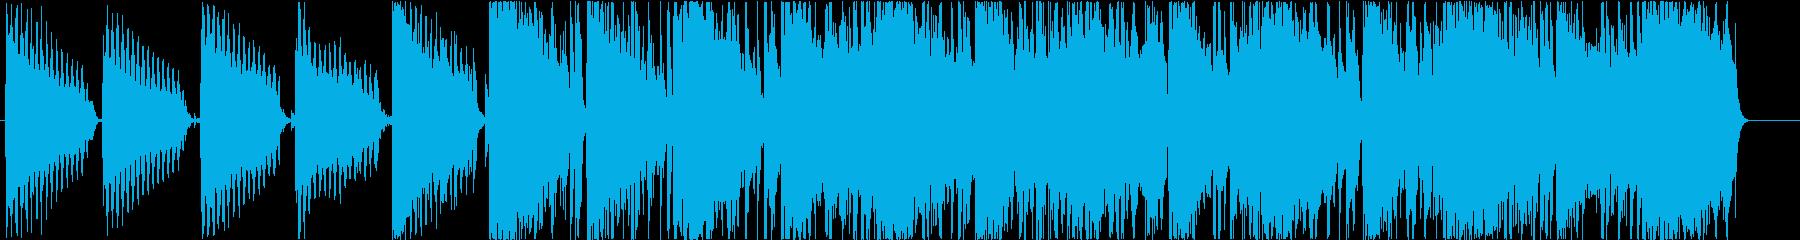 印象のヒップホップBGM#02の再生済みの波形